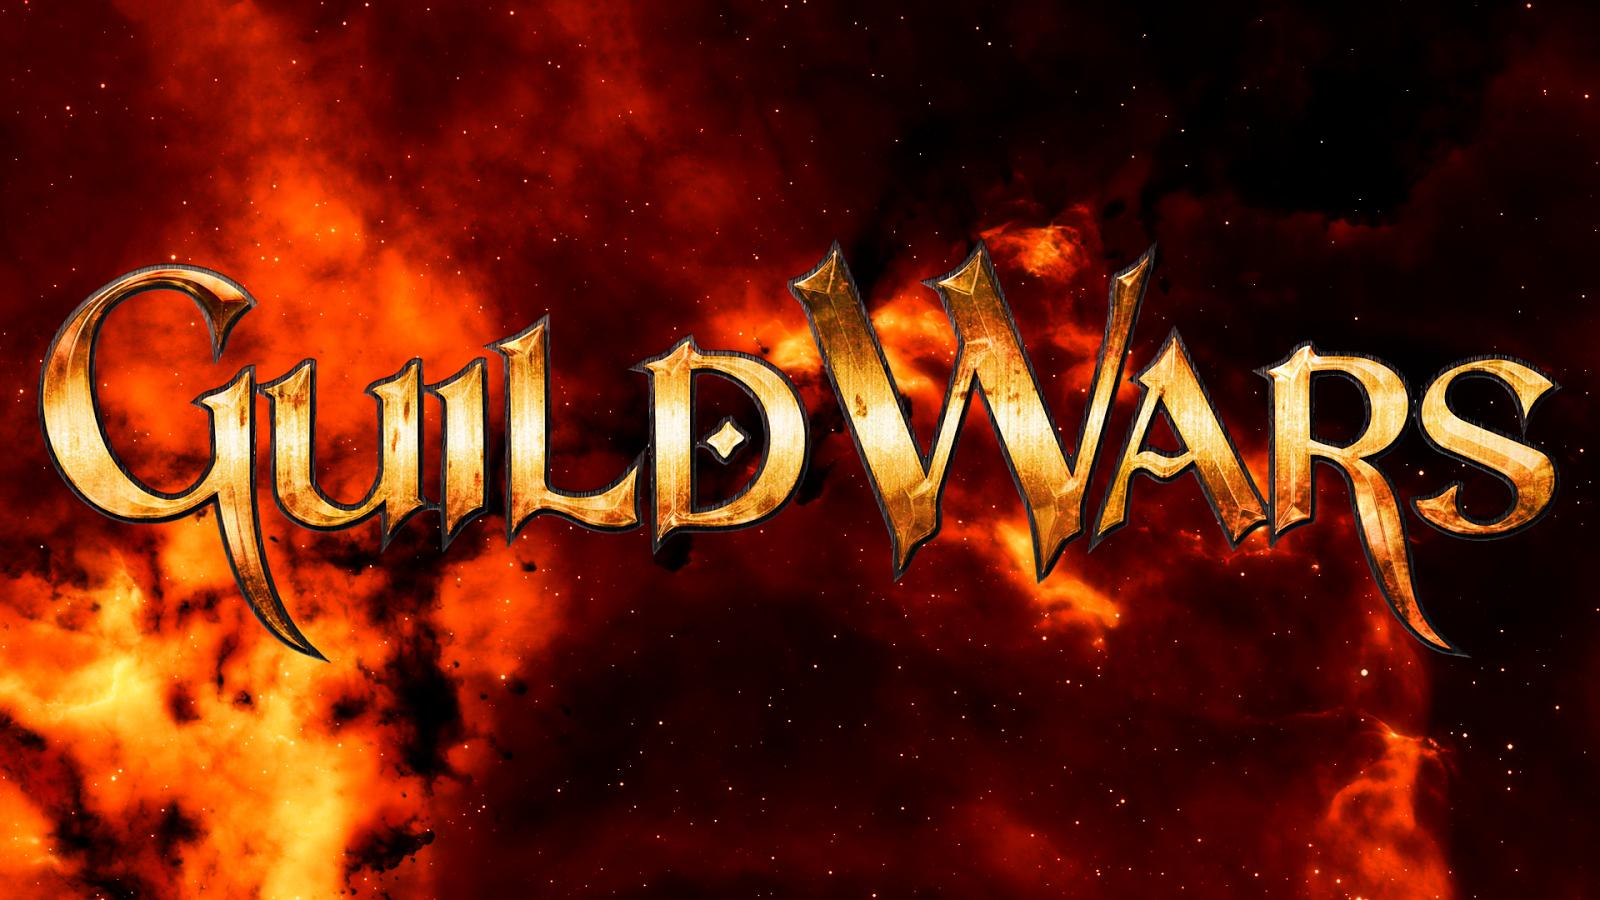 http://3.bp.blogspot.com/-39hd8V9IX6M/TZtXm2_V2nI/AAAAAAAAA1c/e7QZB6B3vIM/s1600/guild+wars+logo+wallpaper+1080p.png